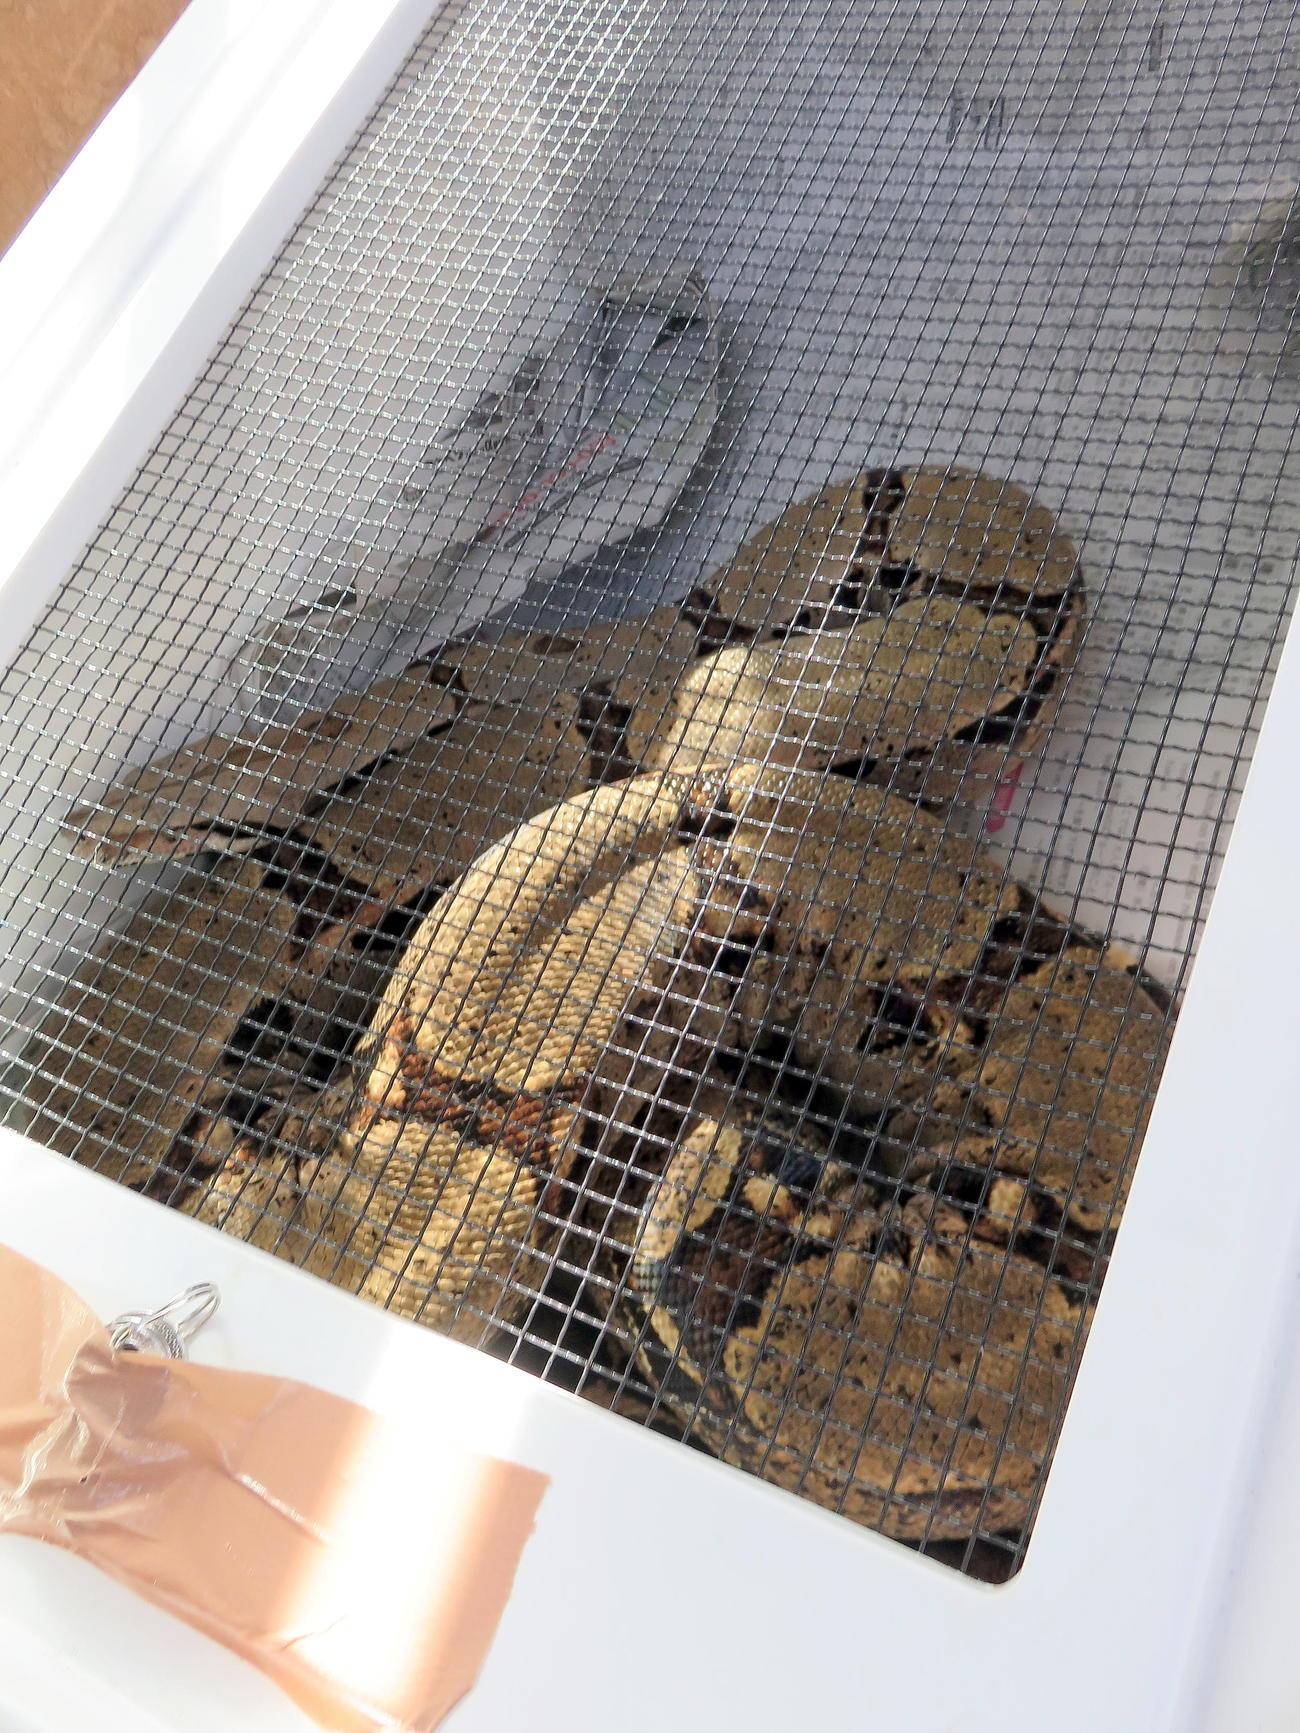 アミメニシキヘビの飼い主が爬虫類専門業者に譲渡したヘビ(撮影・鎌田直秀)